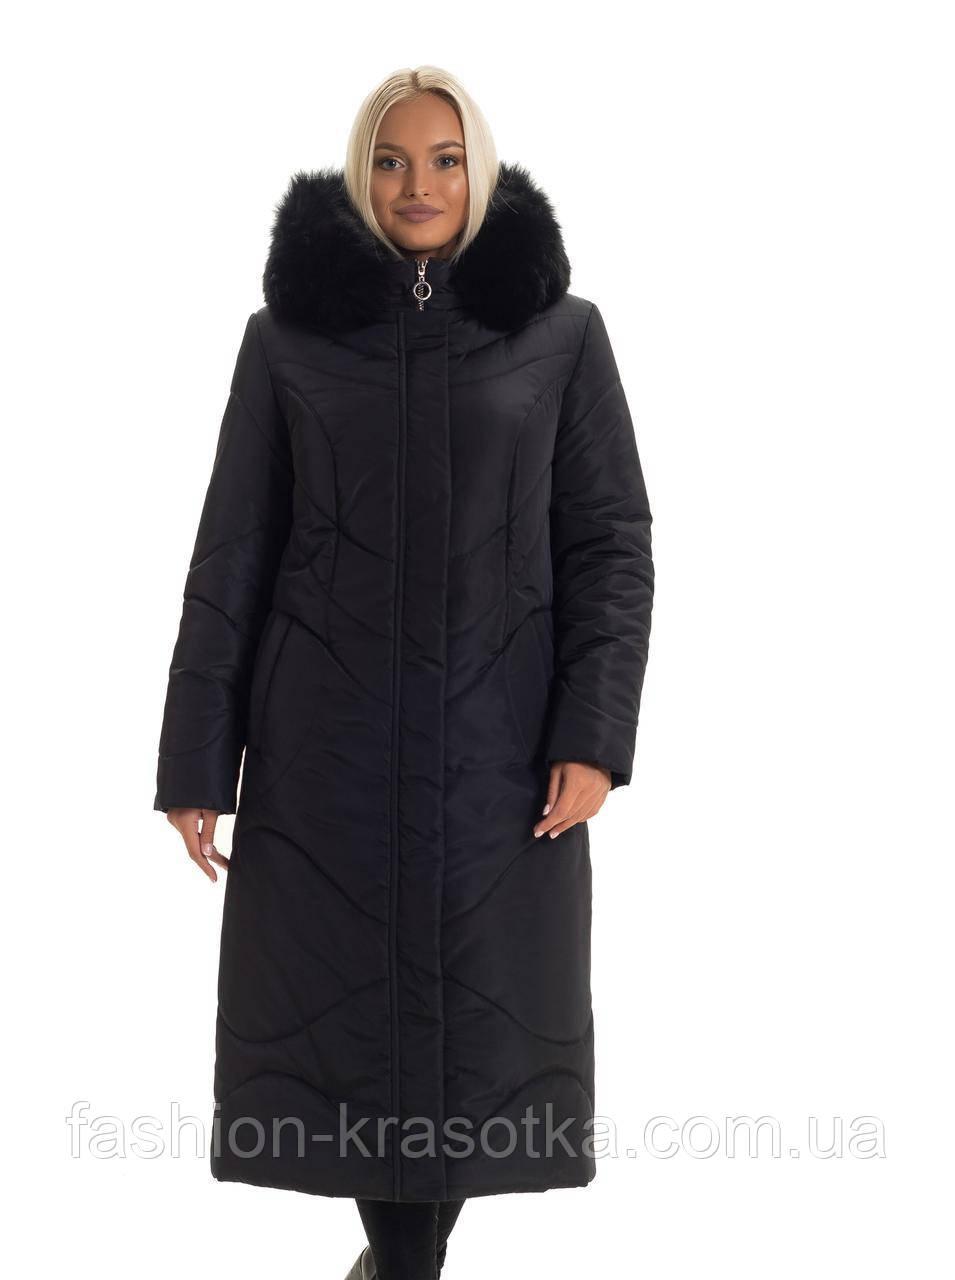 Жіночий подовжений зимовий пуховик великих розмірів:48-66.